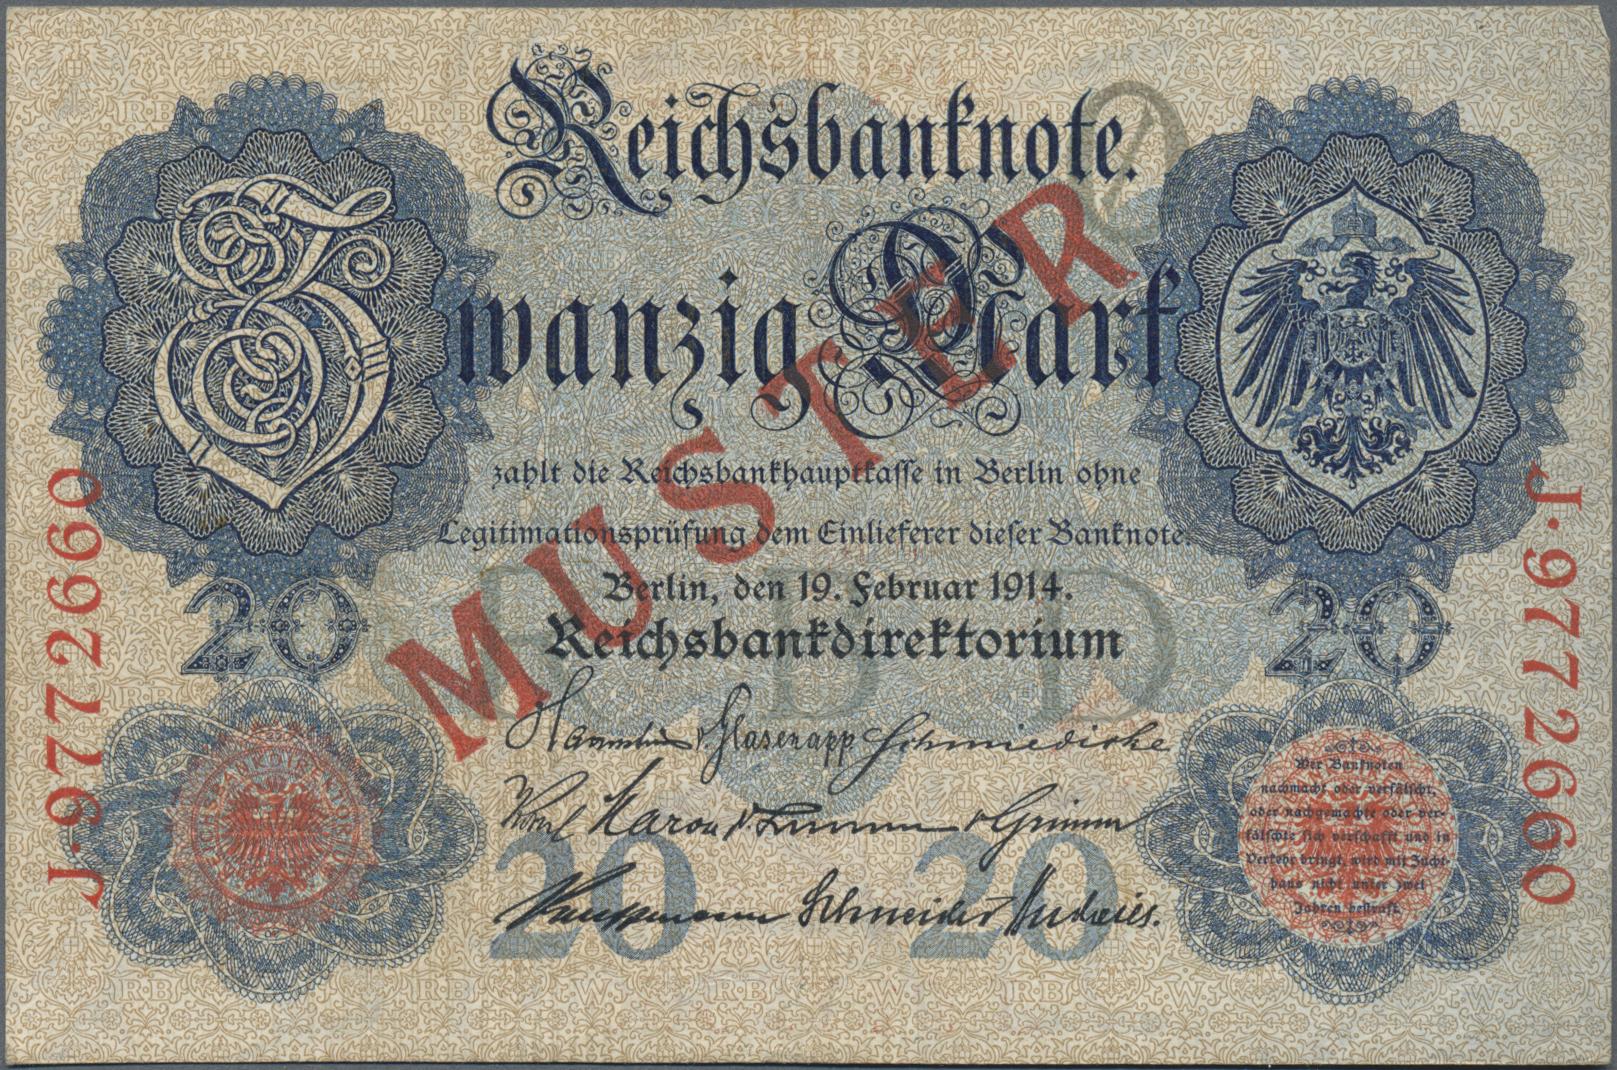 Lot 03324 - Deutschland - Deutsches Reich bis 1945 | Banknoten  -  Auktionshaus Christoph Gärtner GmbH & Co. KG Sale #45 Banknotes Germany/Numismatics